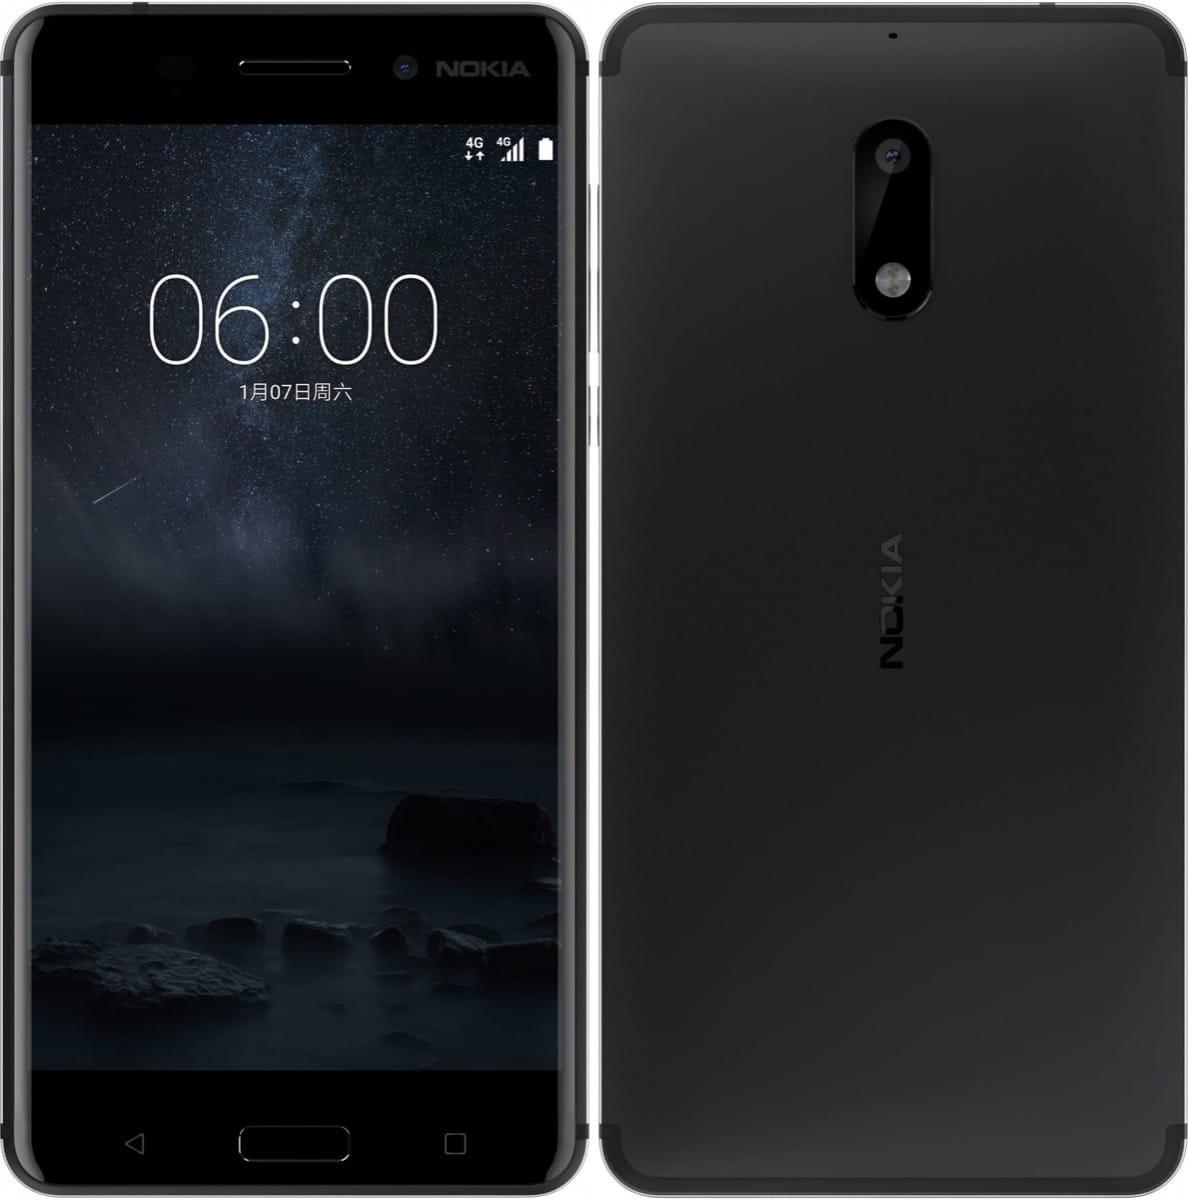 Облажались: HMD Global привезла в Россию бракованные смартфоны Nokia 6